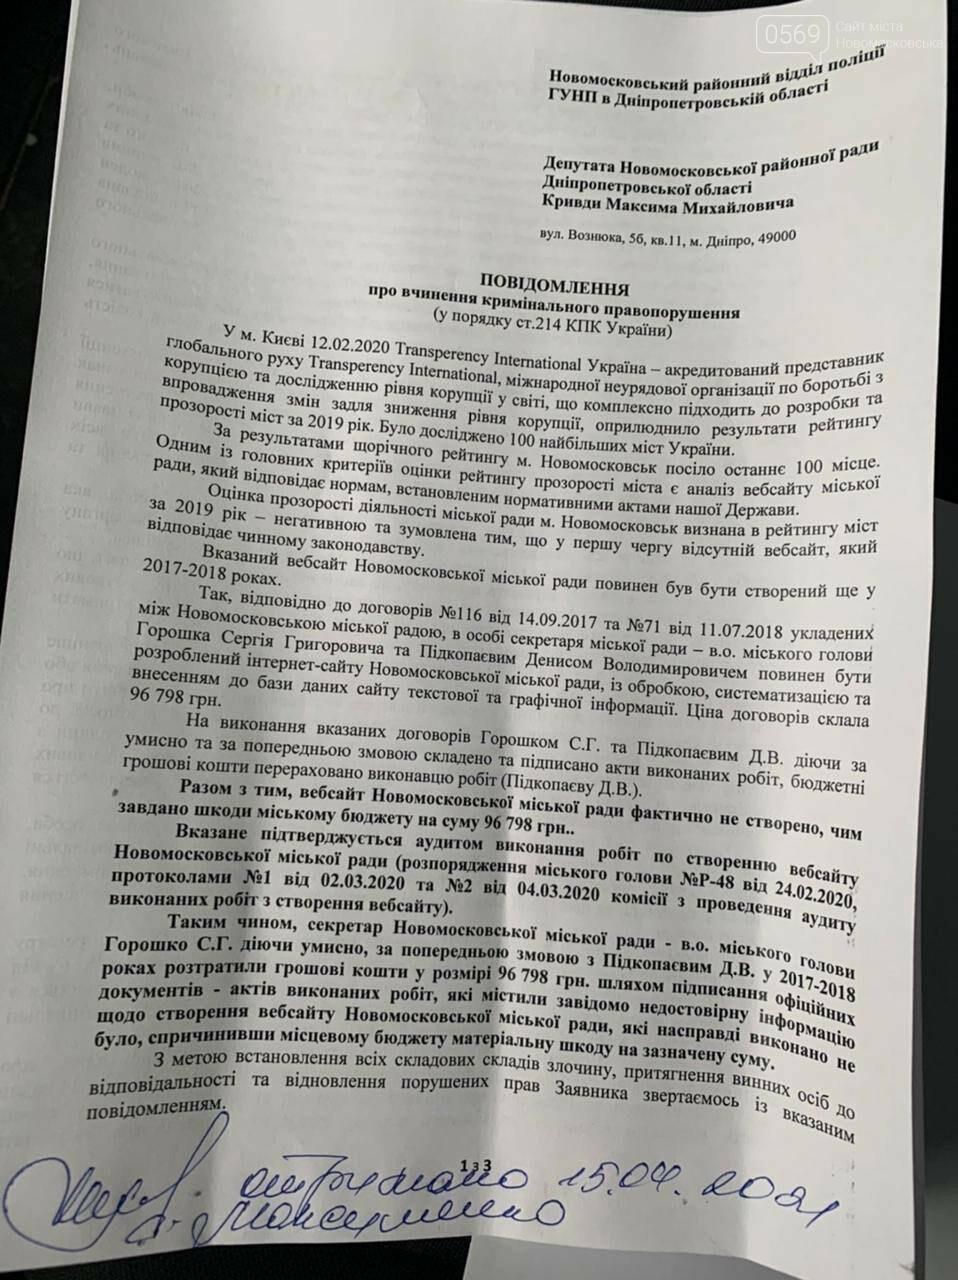 Екс-секретаря міської ради Новомосковська Сергія Горошка обвинувачують у розтраті бюджетних коштів, фото-1